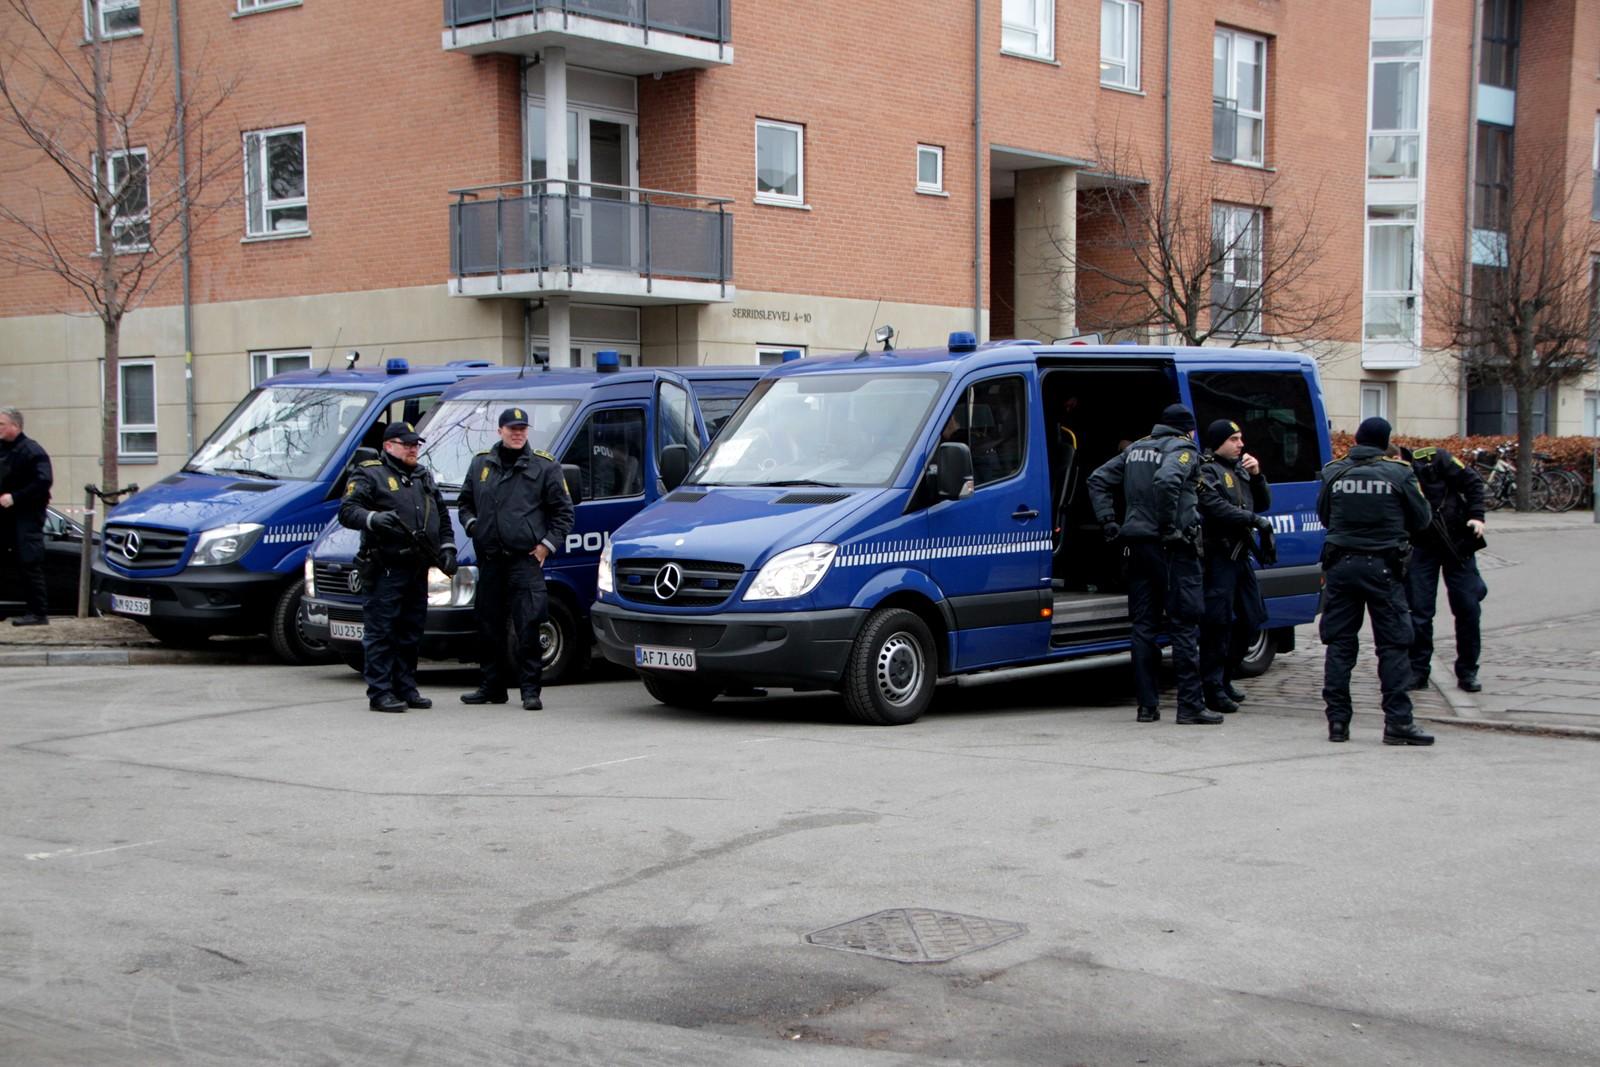 Politiet er synlig til stede i Københavnsgater.